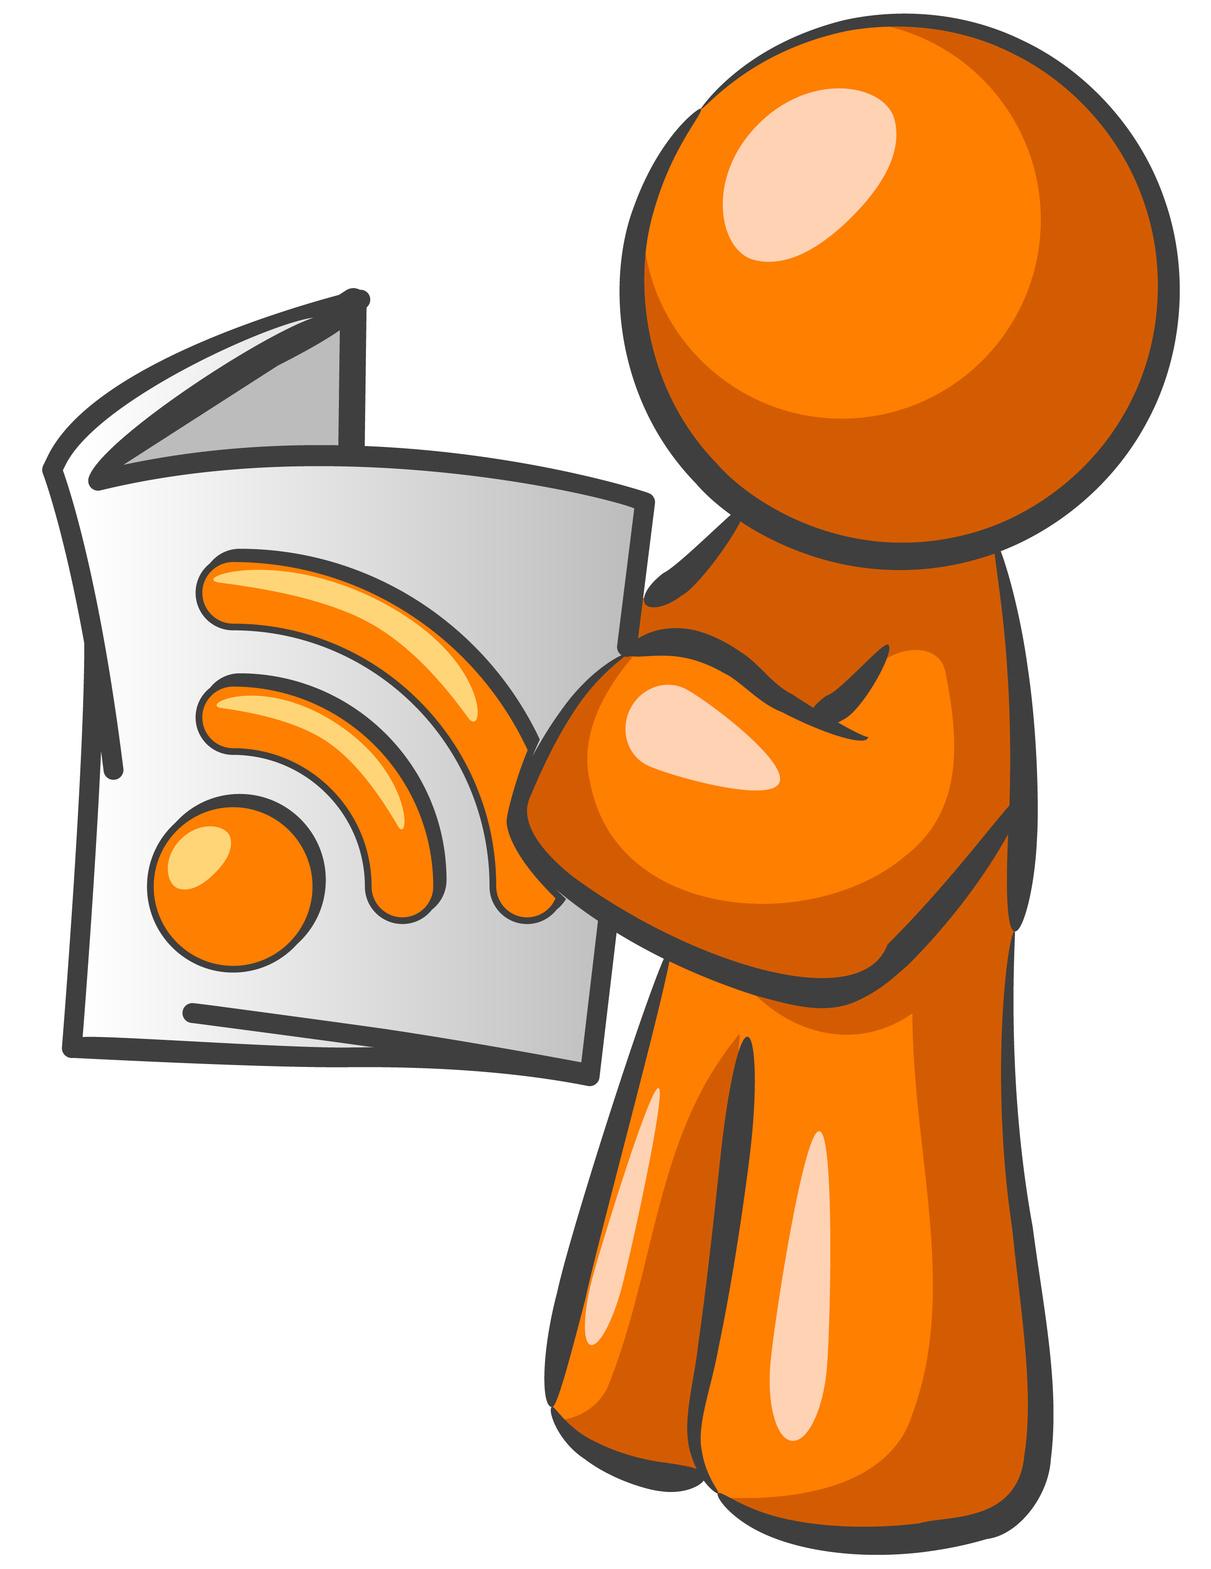 Blogs Finden rss feed des blogs finden cbc mitgliederblog